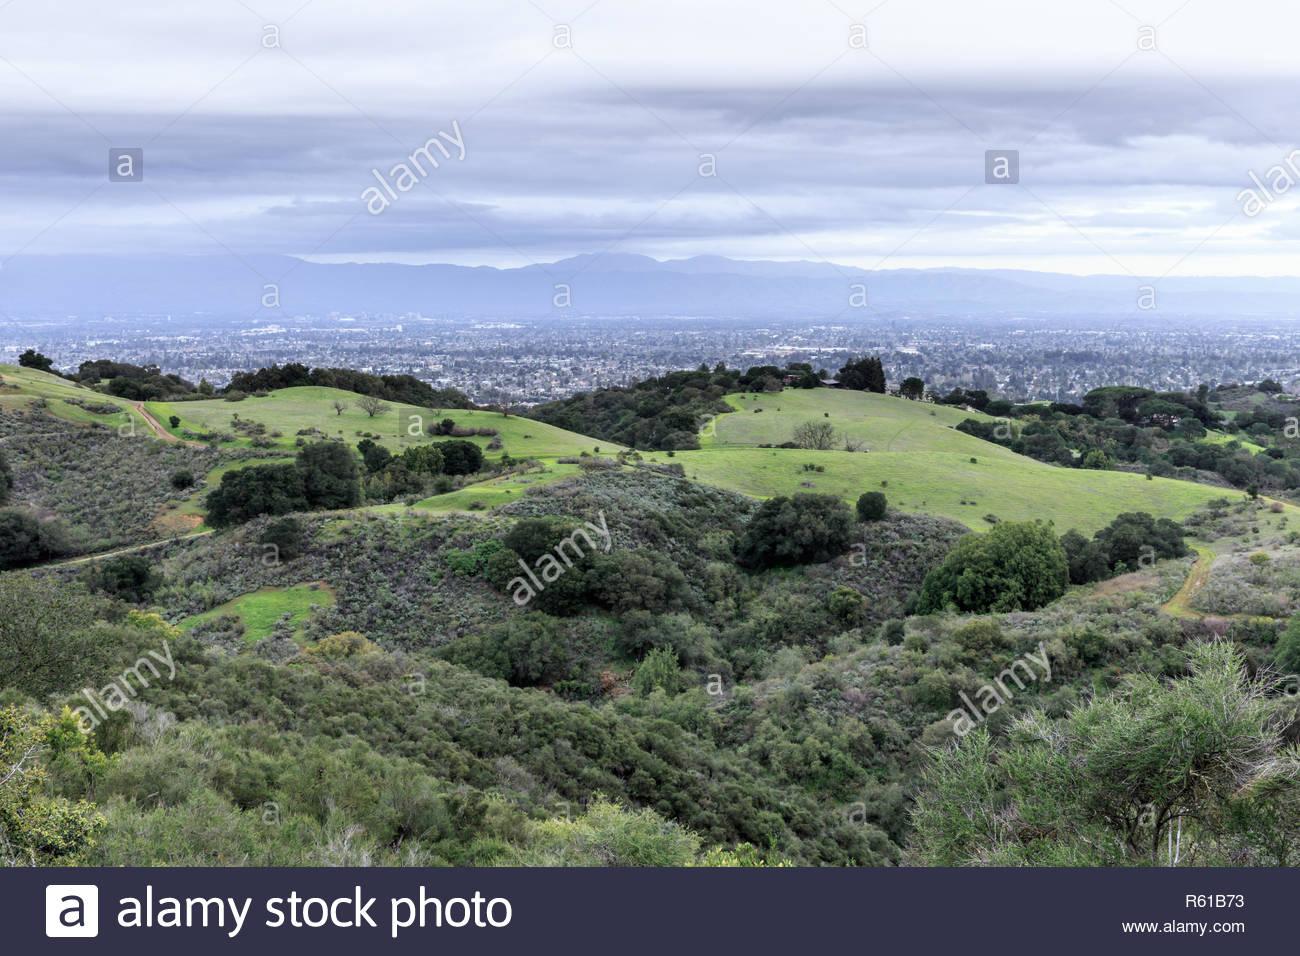 San Francisco South Bay Area viste in inverno. Immagini Stock